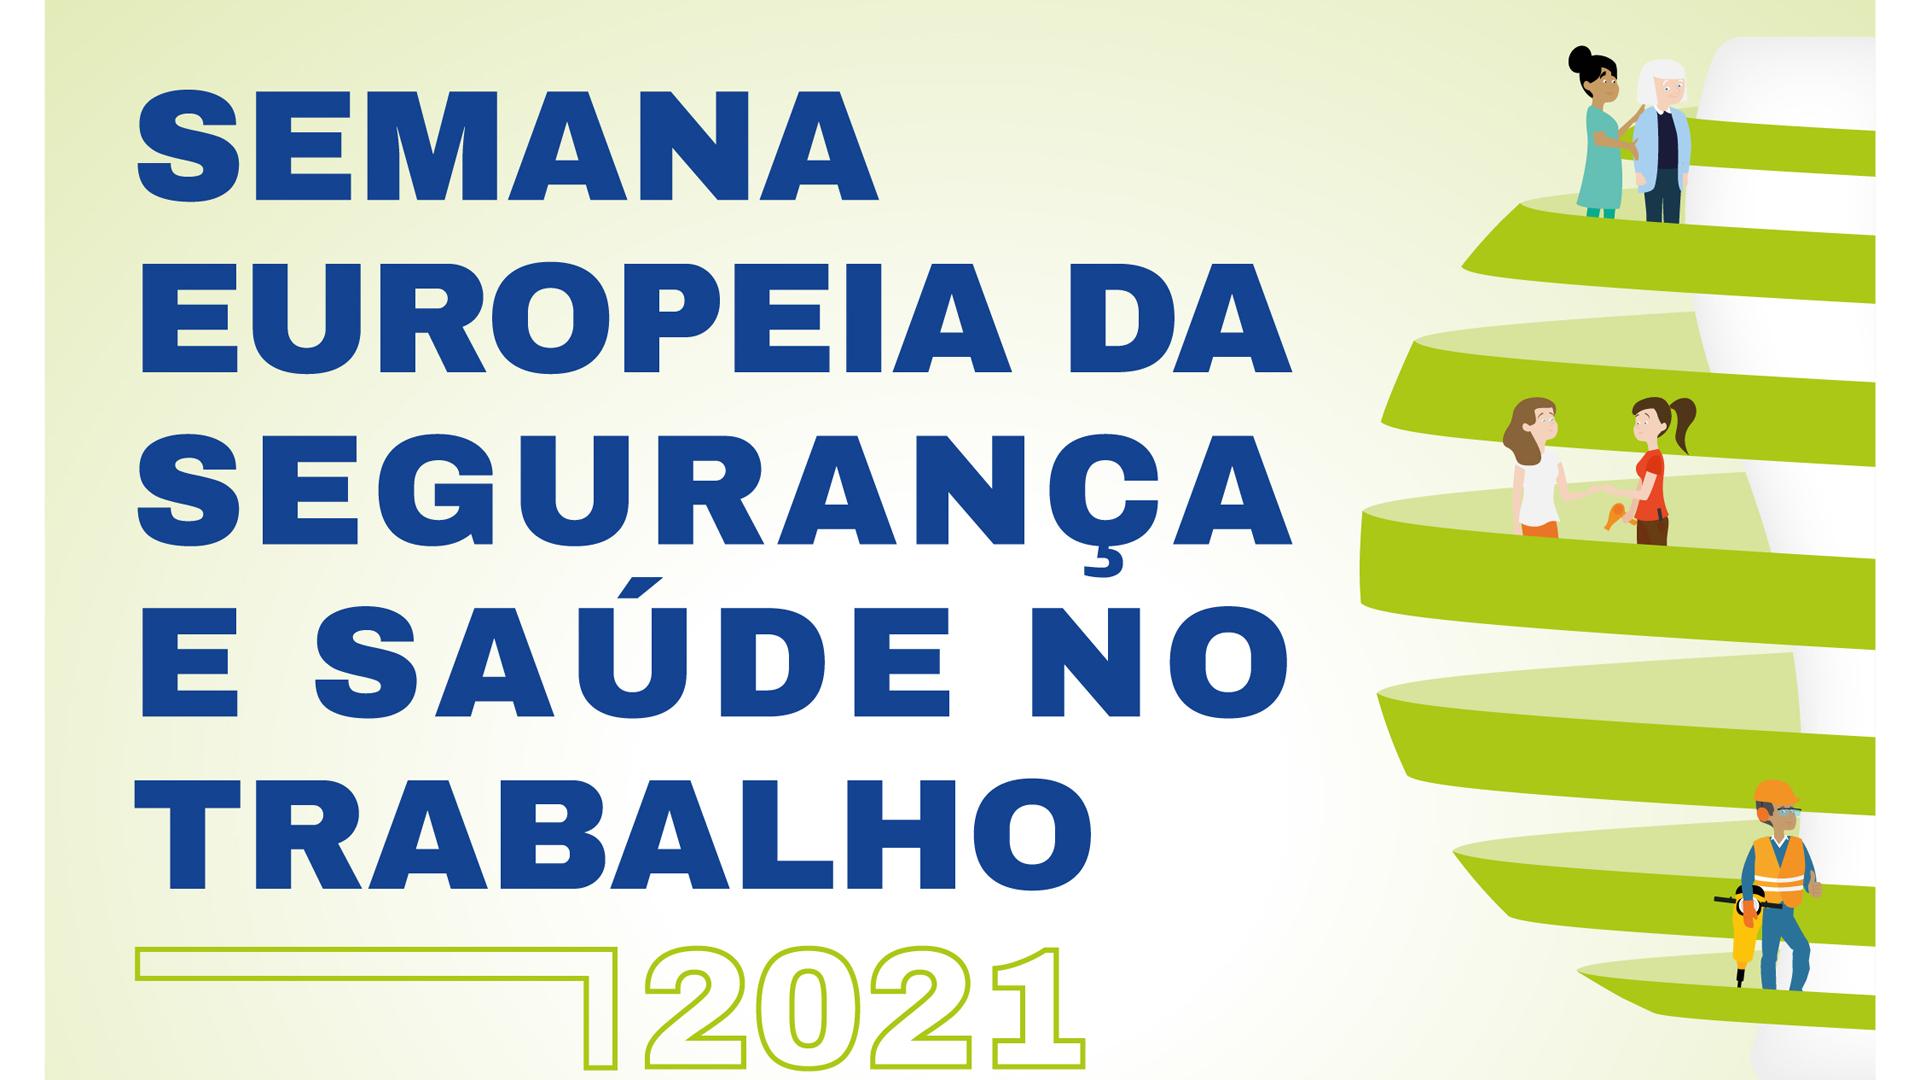 Governo dos Açores promove seminário sobre Segurança e Saúde no Trabalho